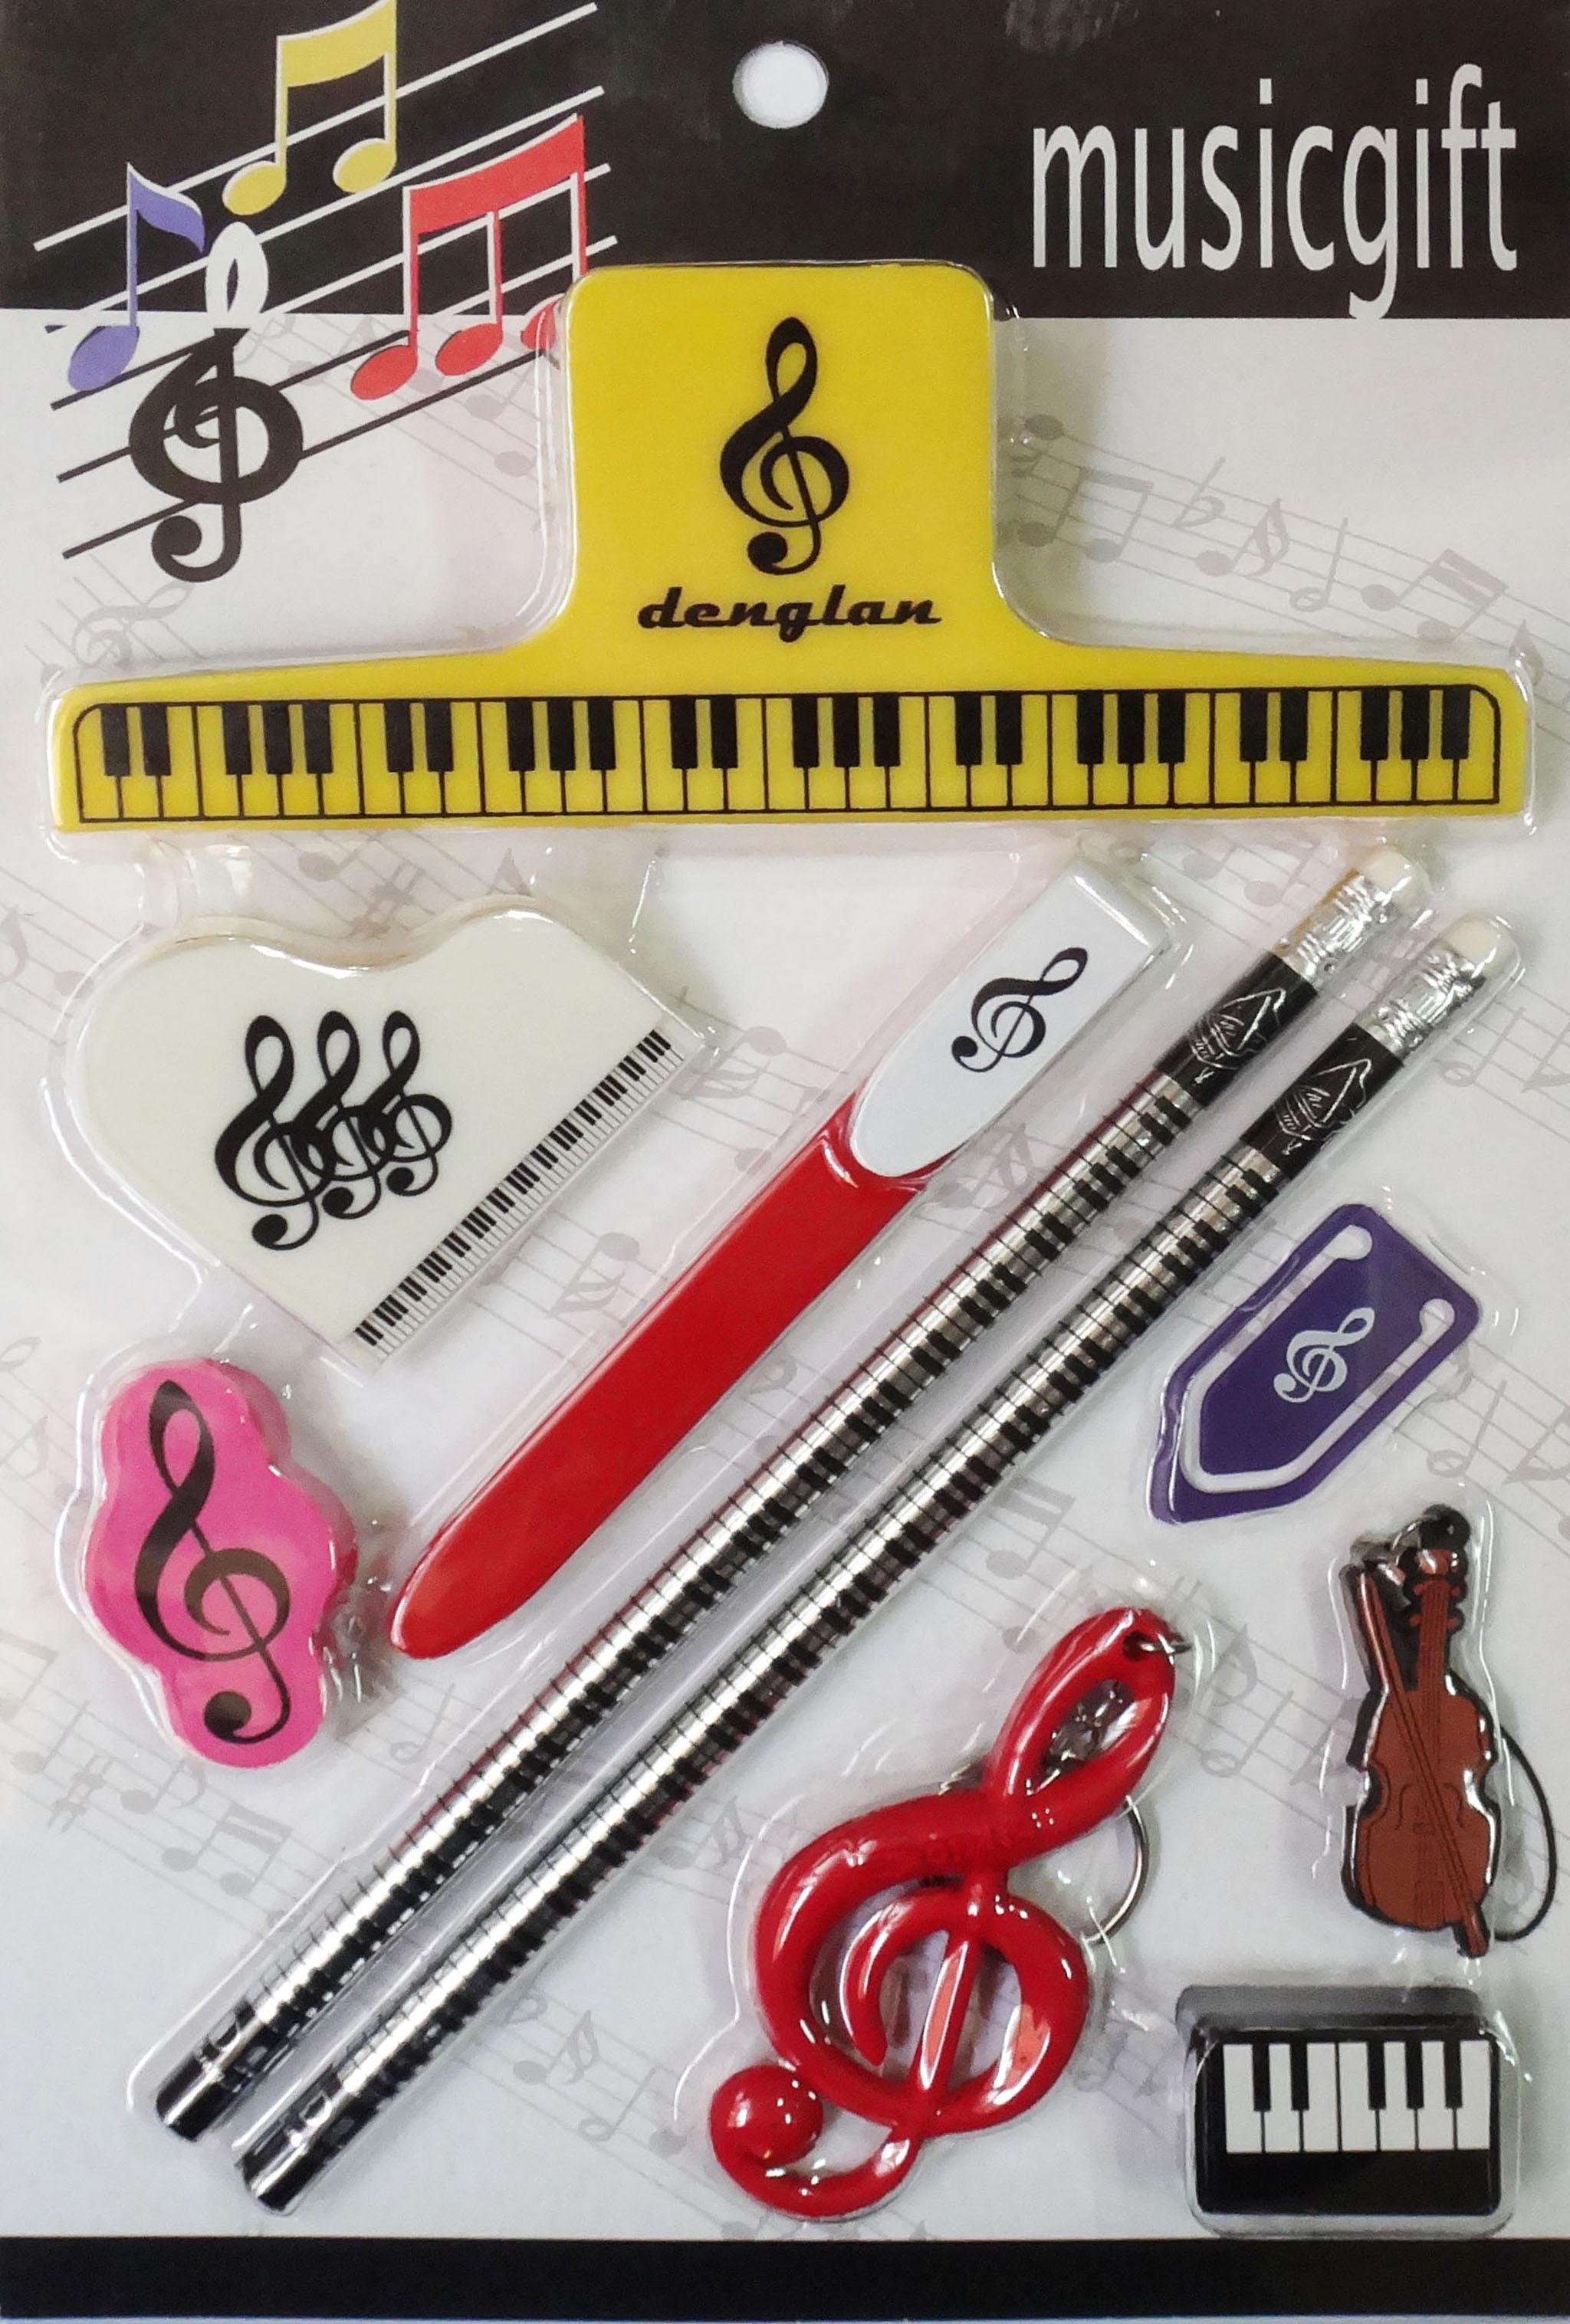 Nhân viên piano quà tặng văn phòng phẩm ghi chú quà tặng piano thư mục nhạc cụ phụ kiện nhạc cụ piano